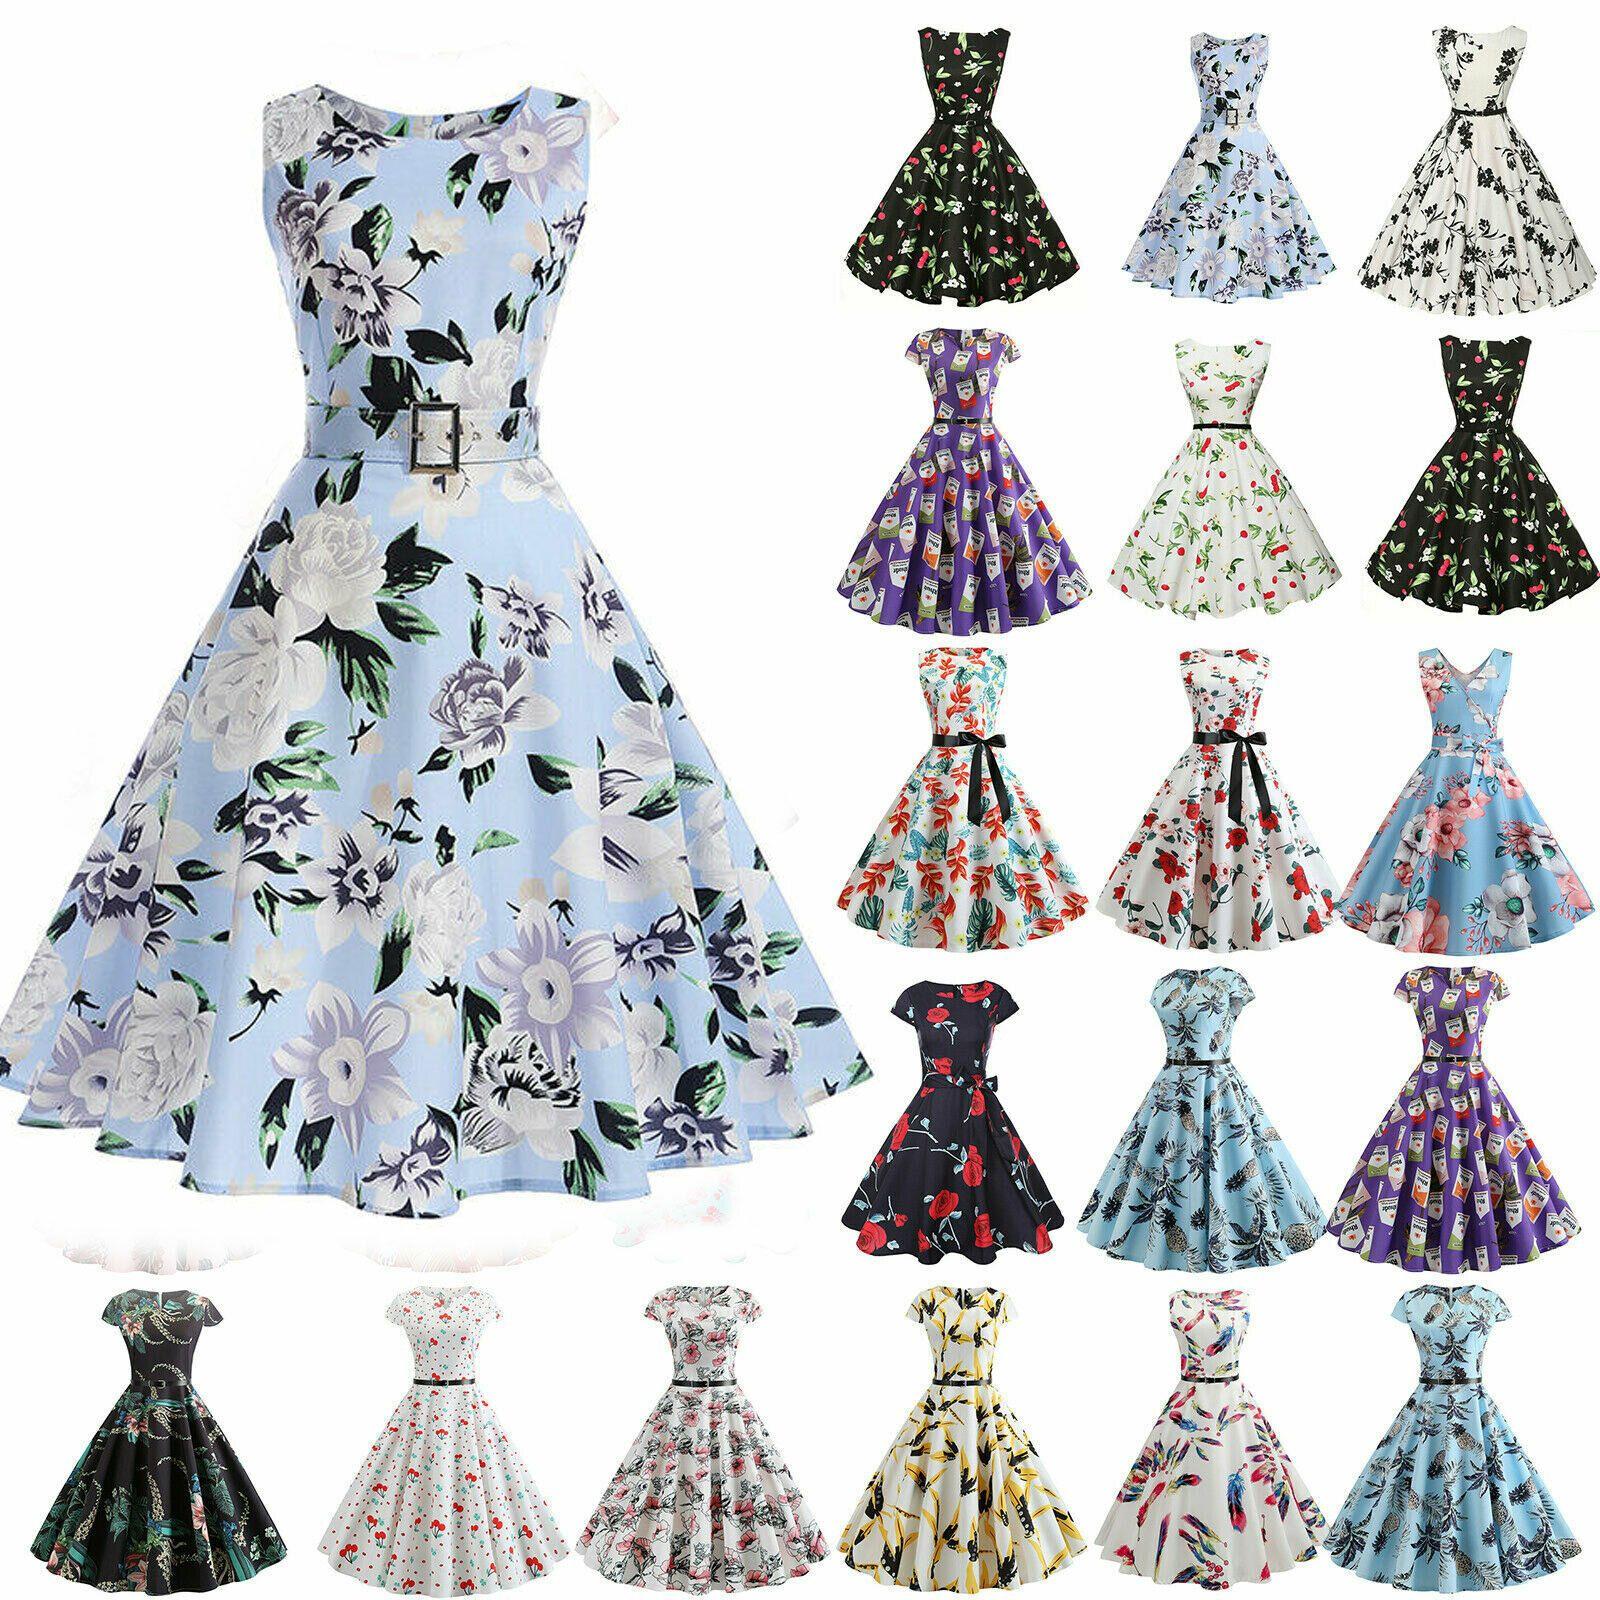 15 Wunderbar Abend Petticoat Kleid Bester Preis20 Schön Abend Petticoat Kleid Vertrieb